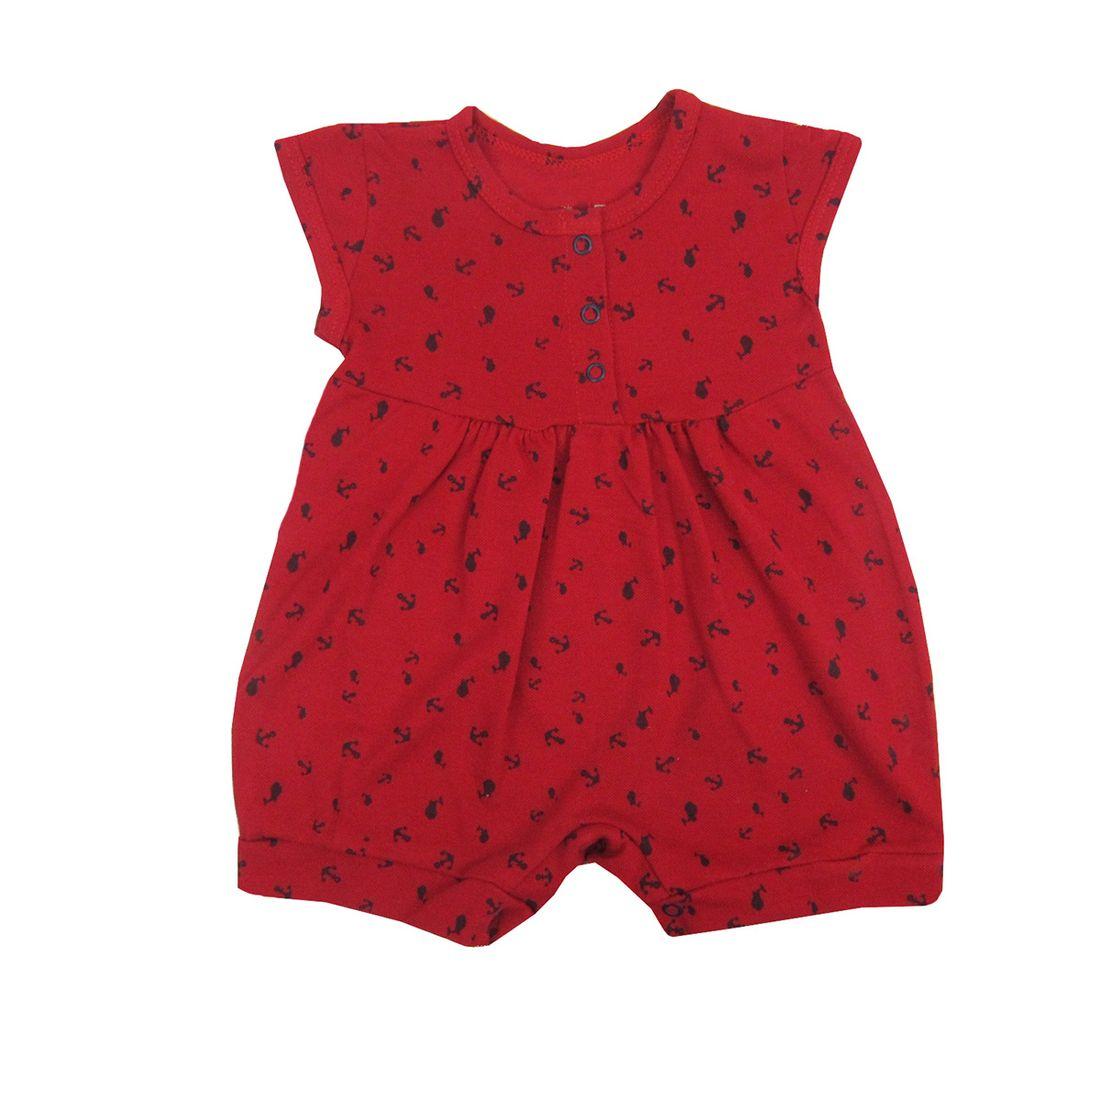 270d5e5d9 Macacão Bebê Feminino Manga Curta Vermelho em Malha Piquet ...